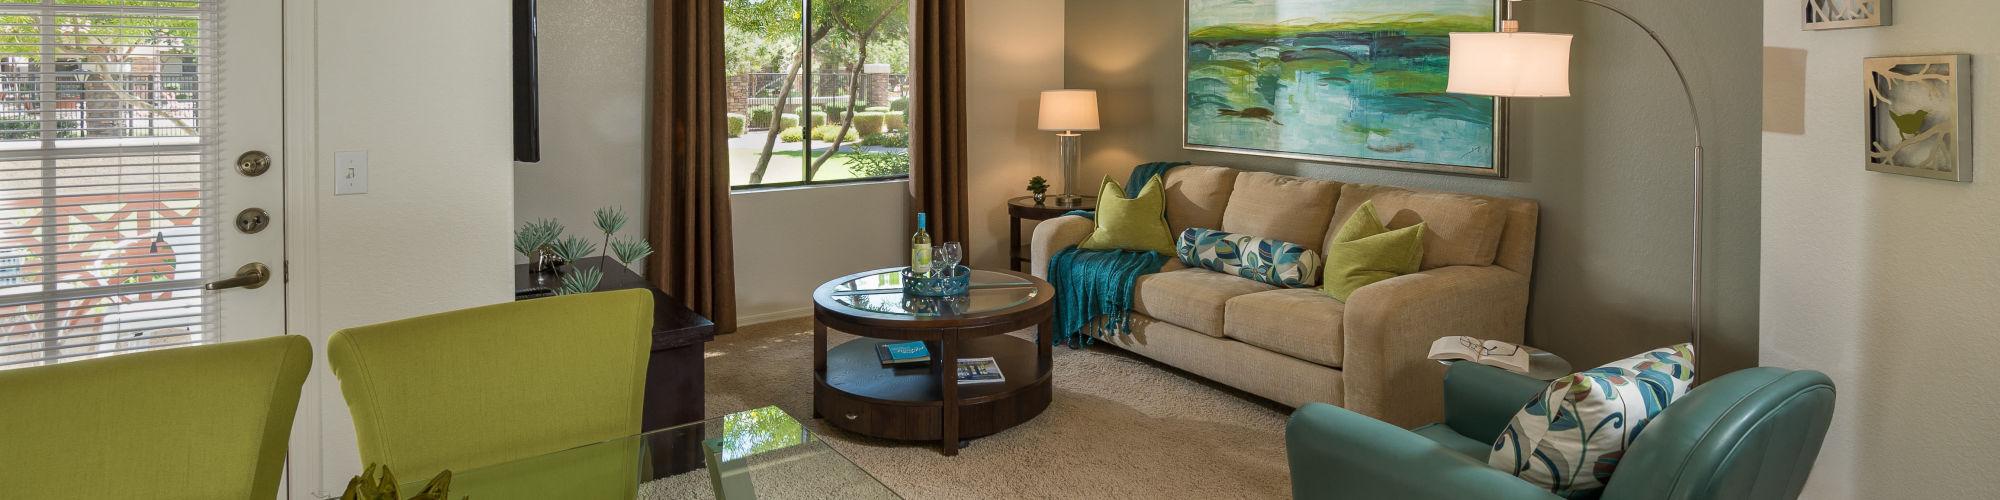 Floor plans at San Palmilla in Tempe, Arizona